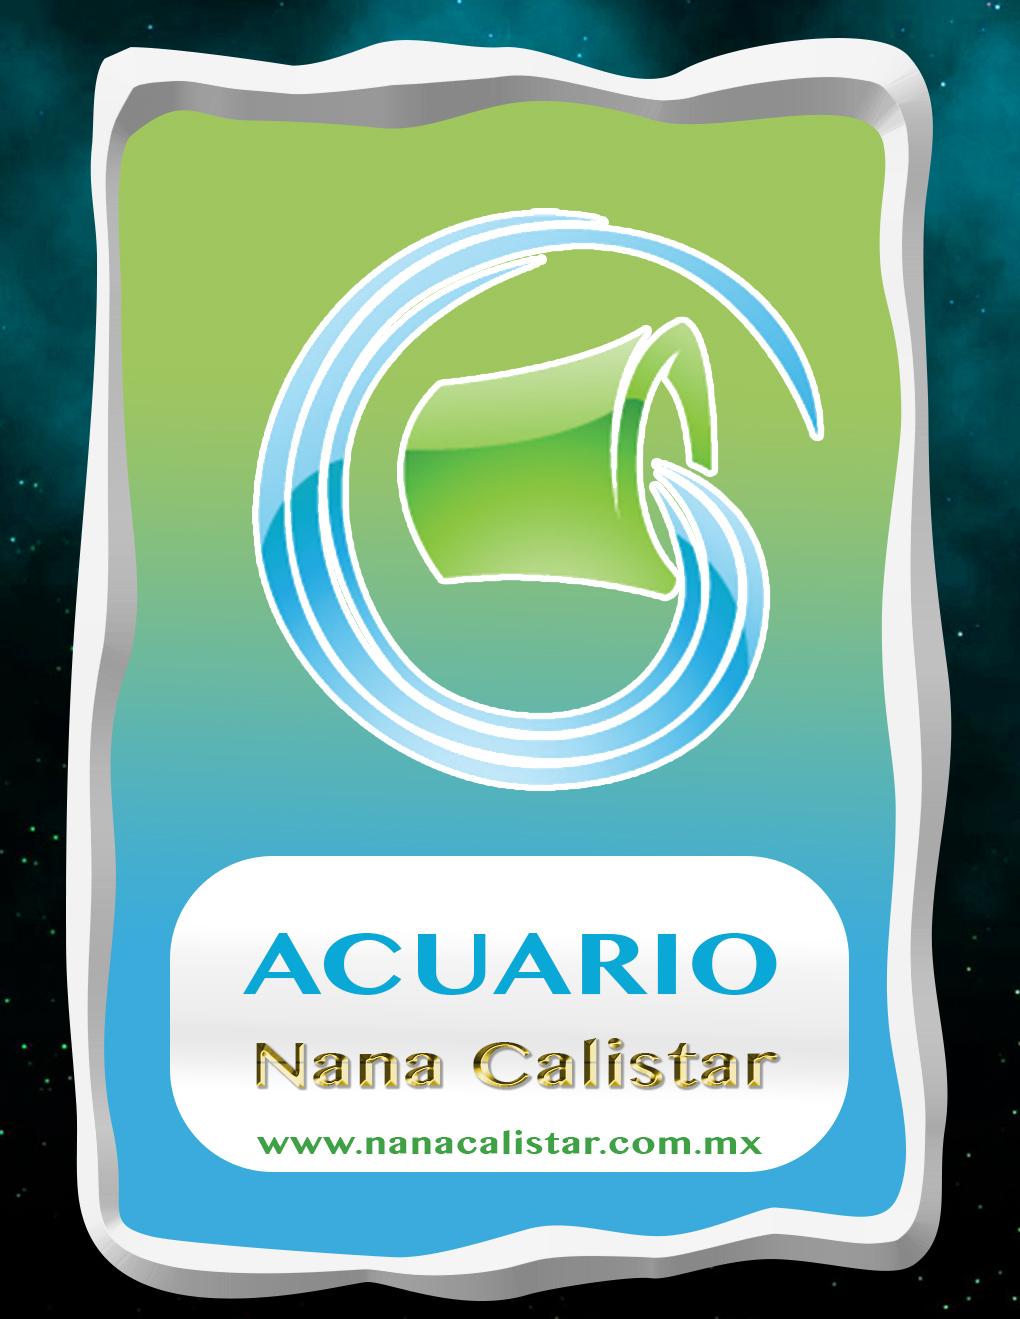 Hor scopo del d a acuario nana calistar for Horoscopo de hoy acuario hombre